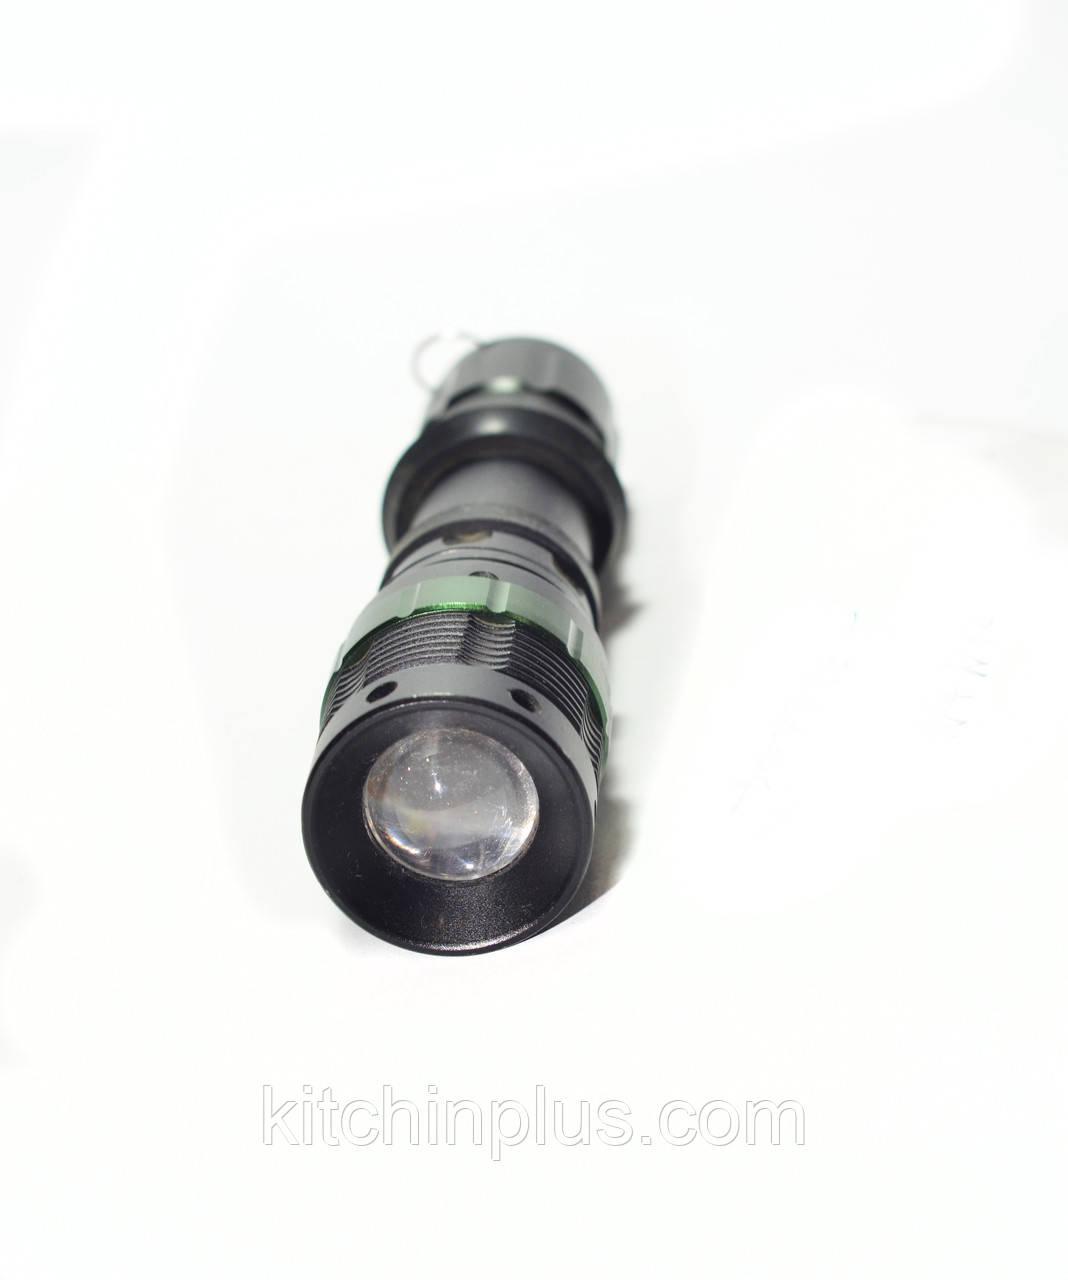 Ліхтарик ручної Bailong BL-R 109-6